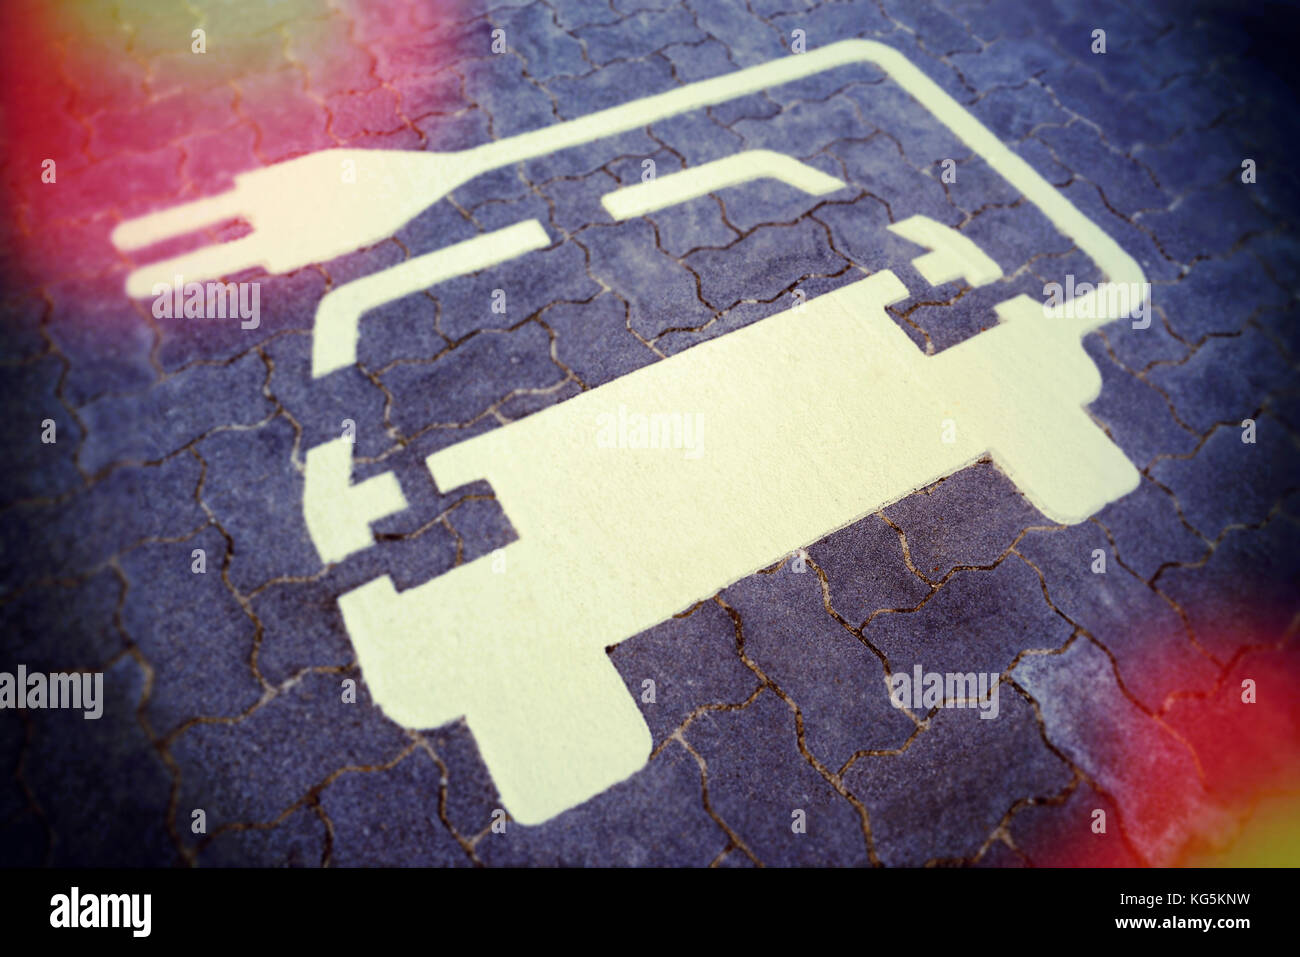 Elektroauto, e-mobility, Piktogramm, Ladestation Stockbild